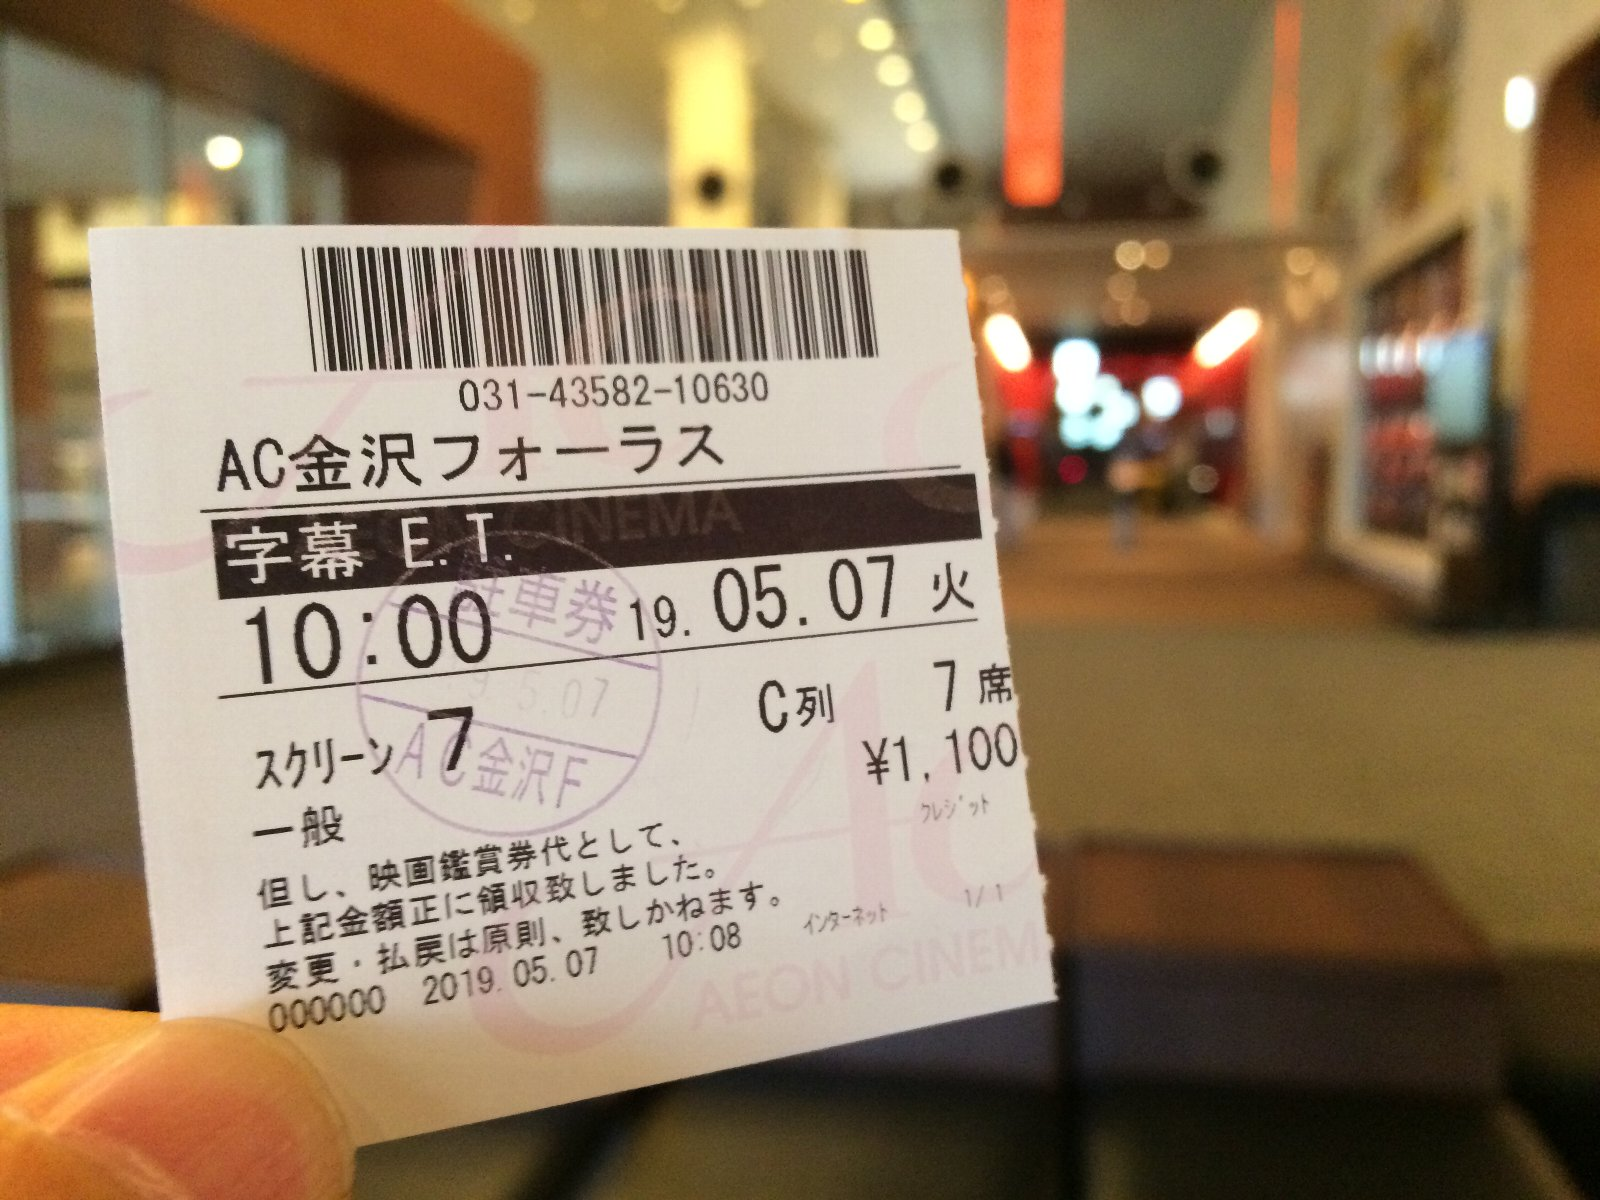 20190507 午前十時の映画祭『ET』チケット